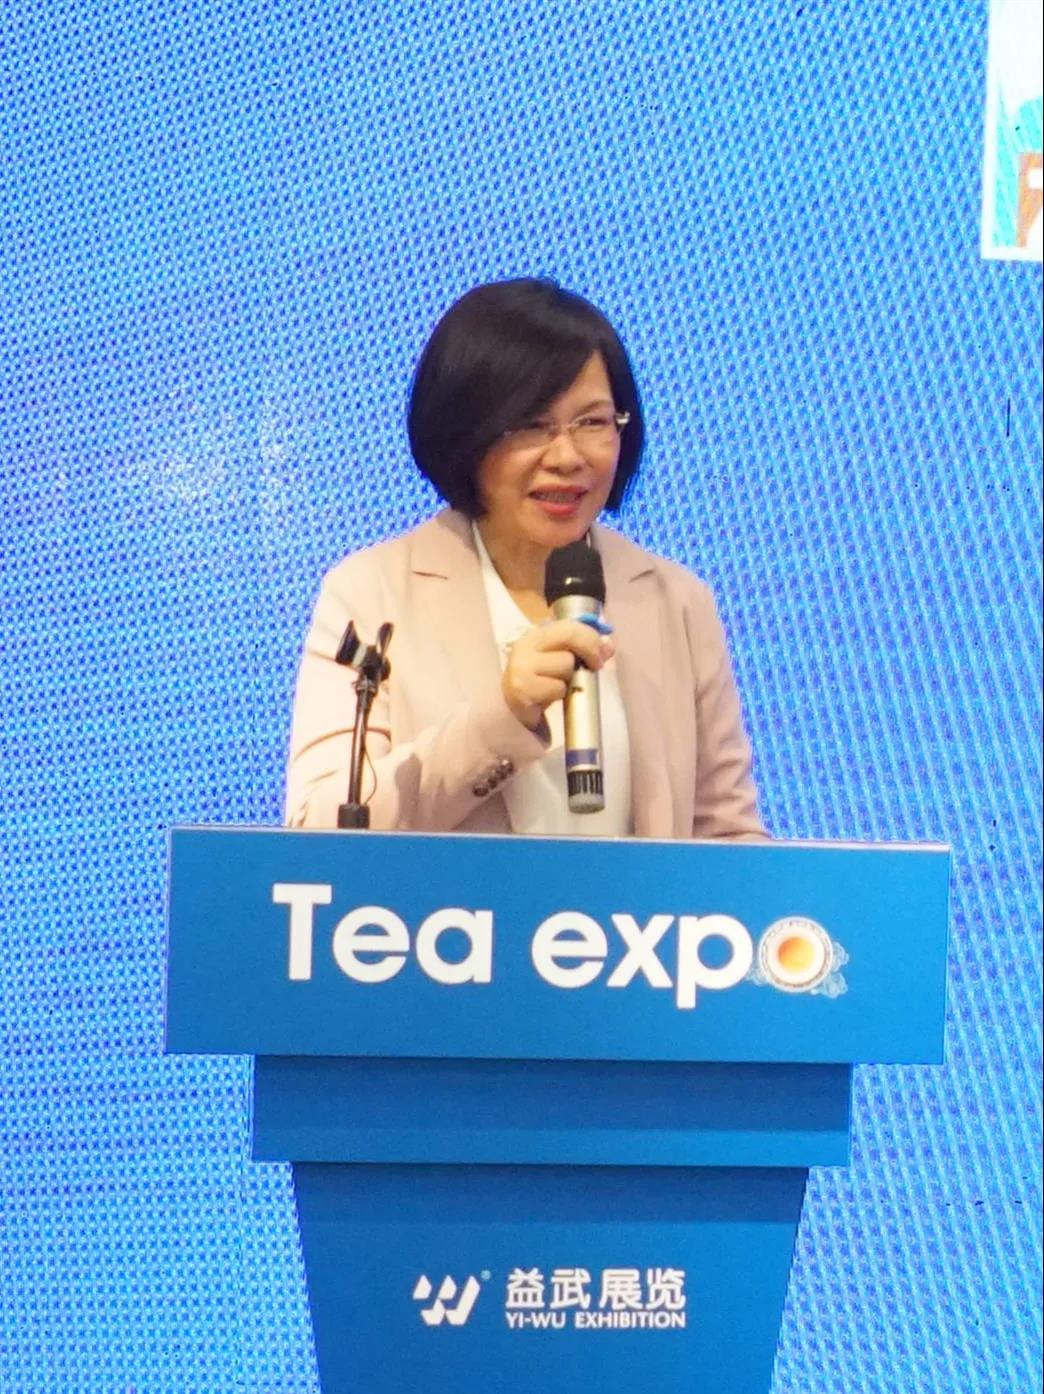 2020中国珠海国际茶博会将于9月10-13日举行